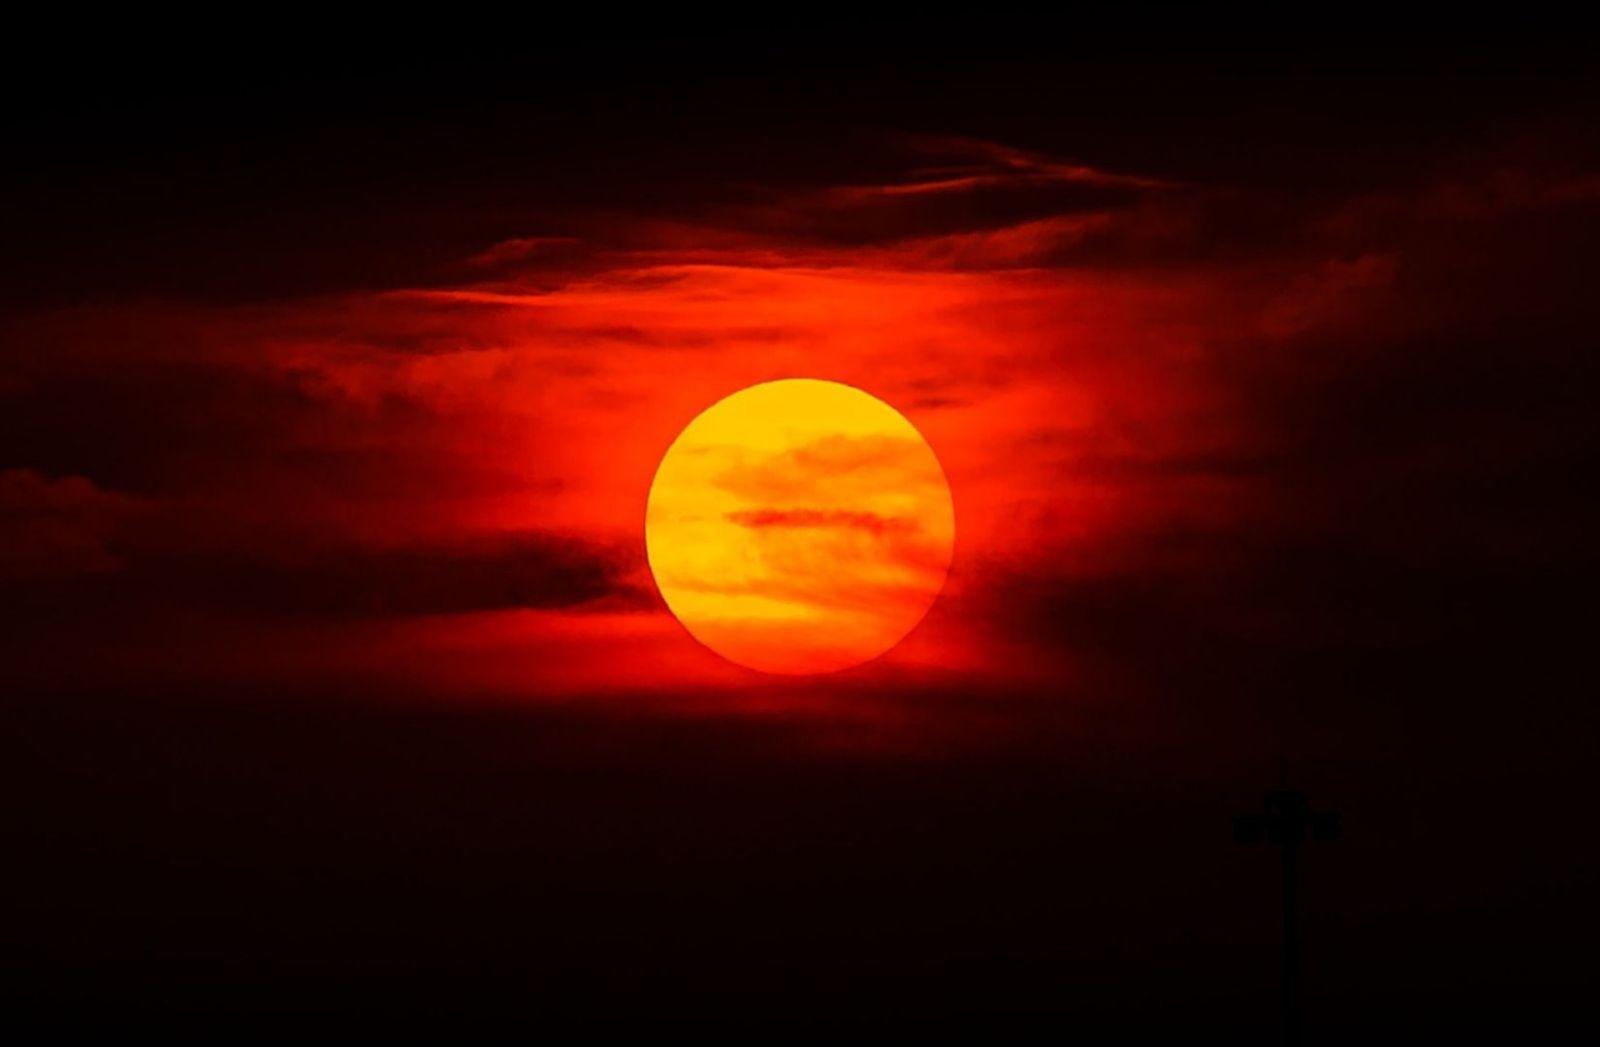 Eine Reise zur Sonne ist wie ein Kreuzzug gegen Höllenfeuer. (Foto: Jared Murray, Unsplash.com)